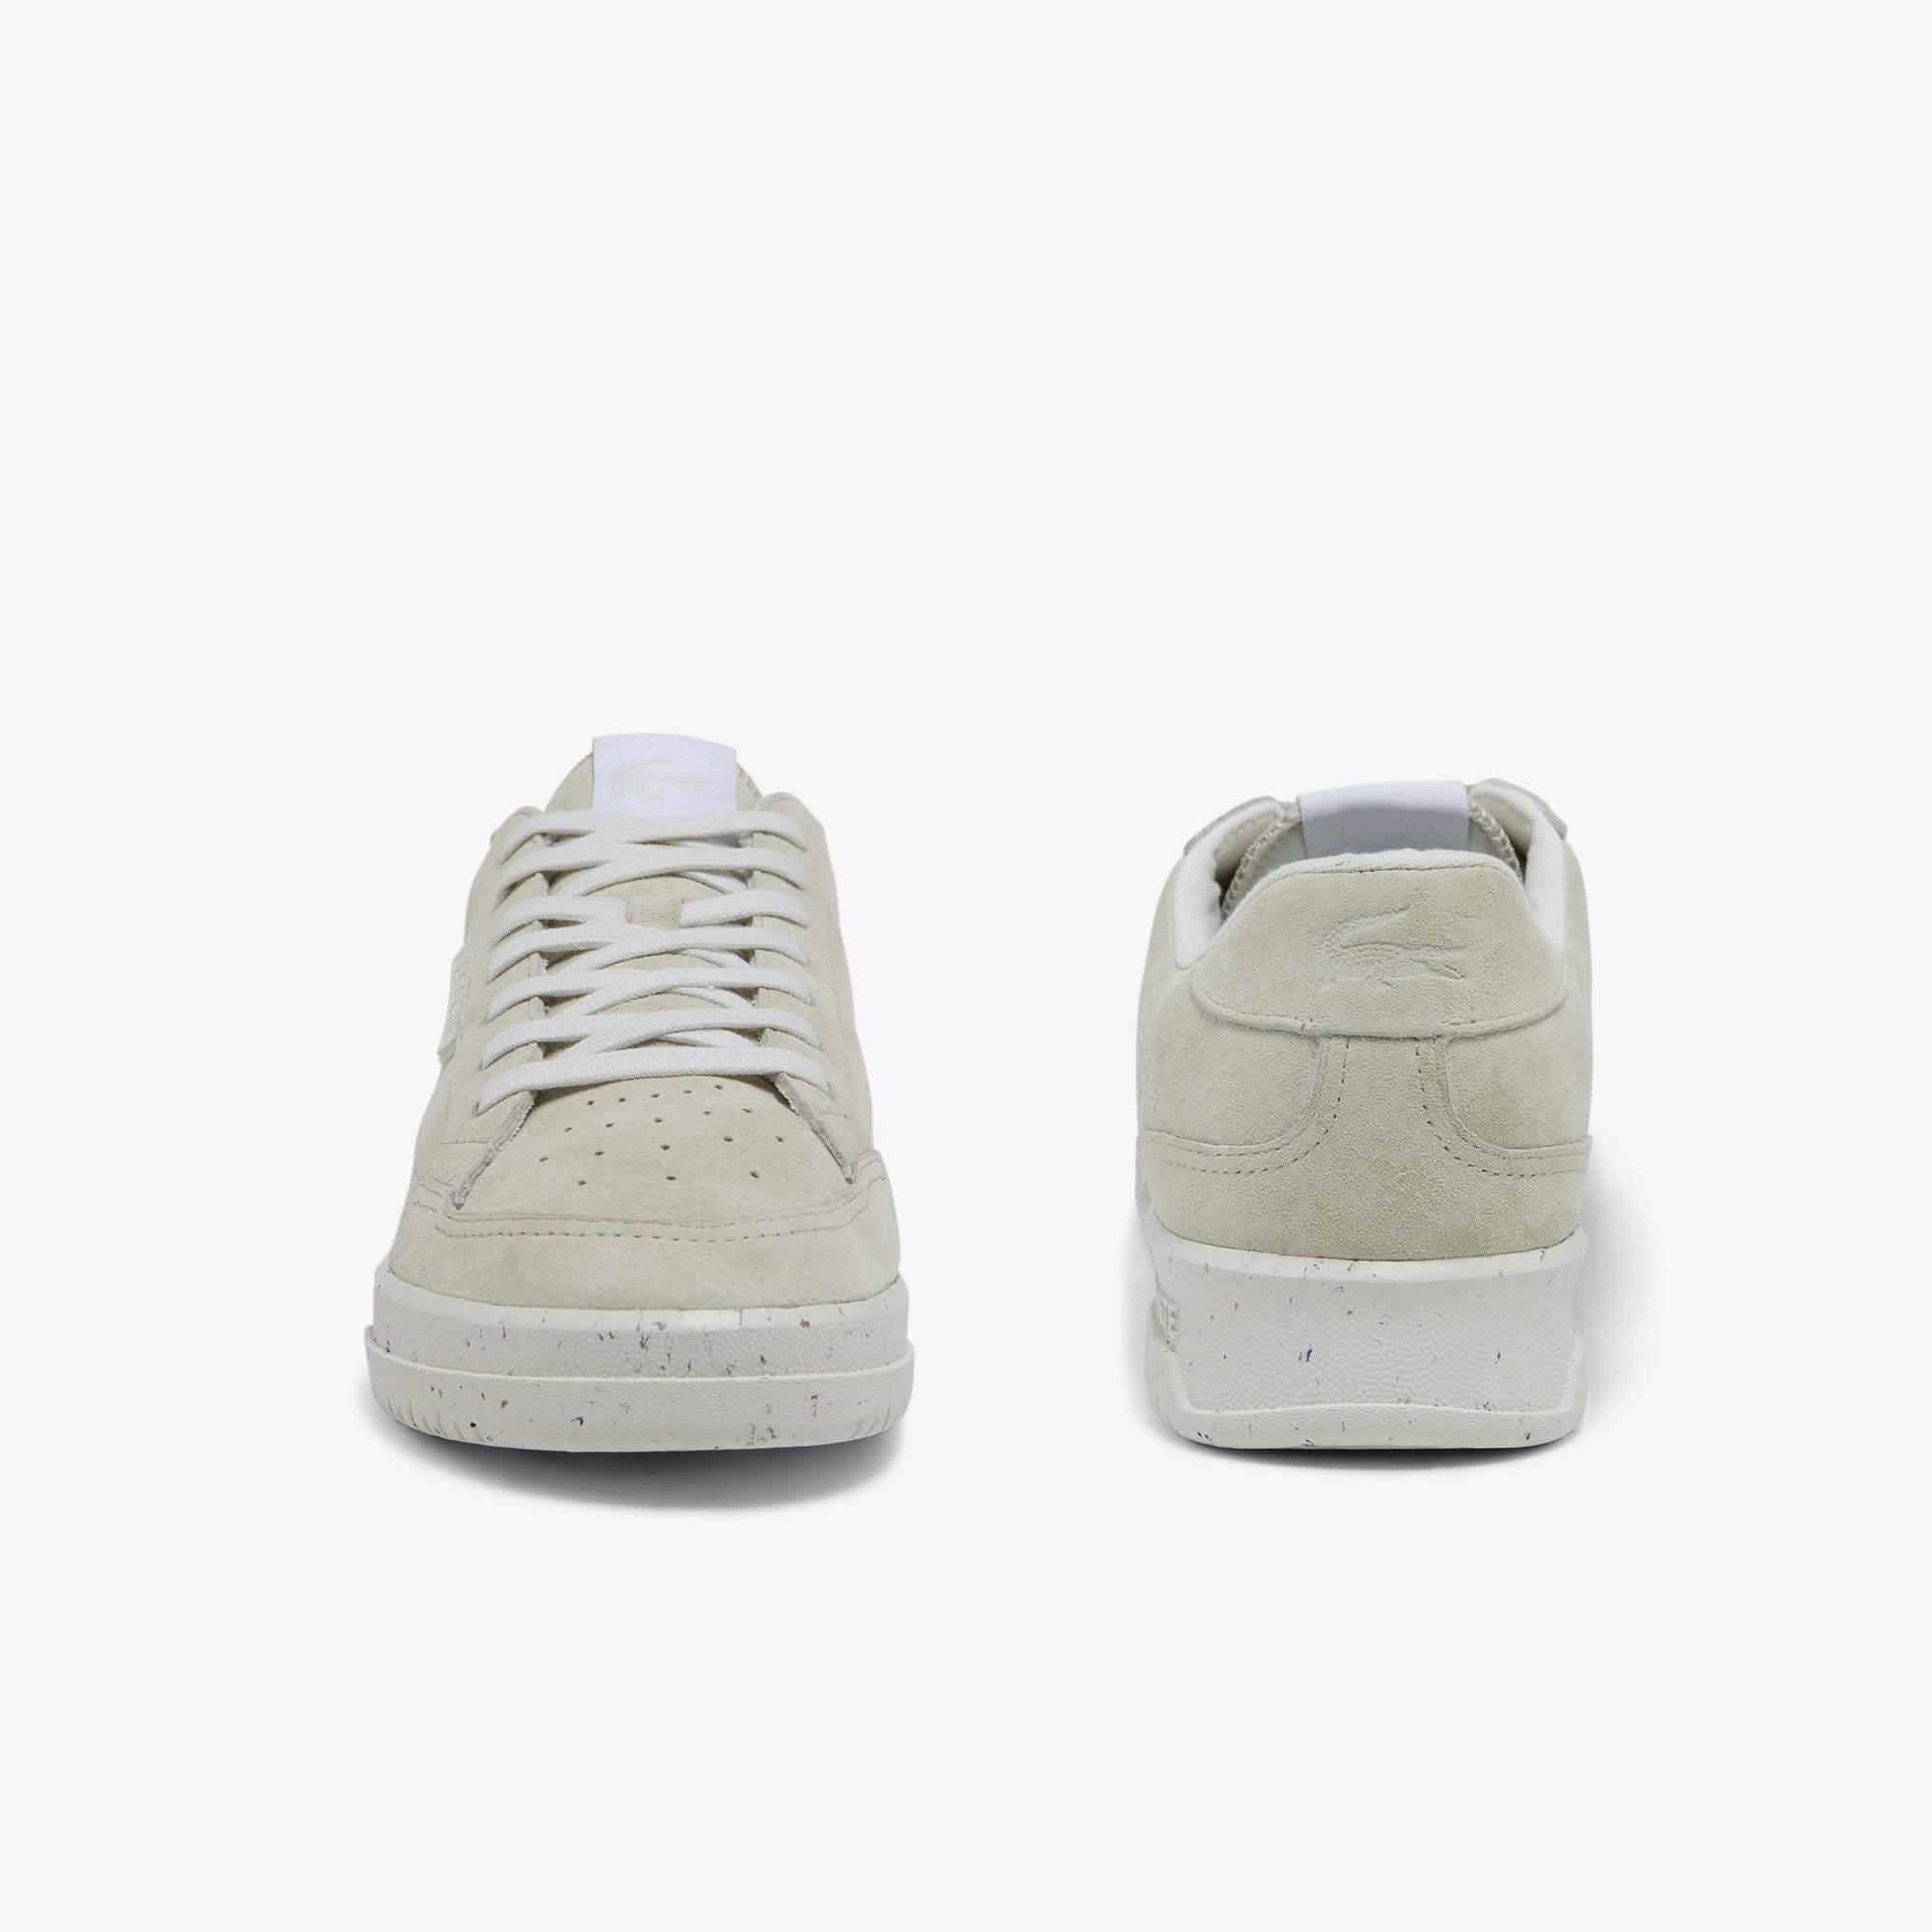 Lacoste Męskie sneakersy skórzane Twin Serve Luxe